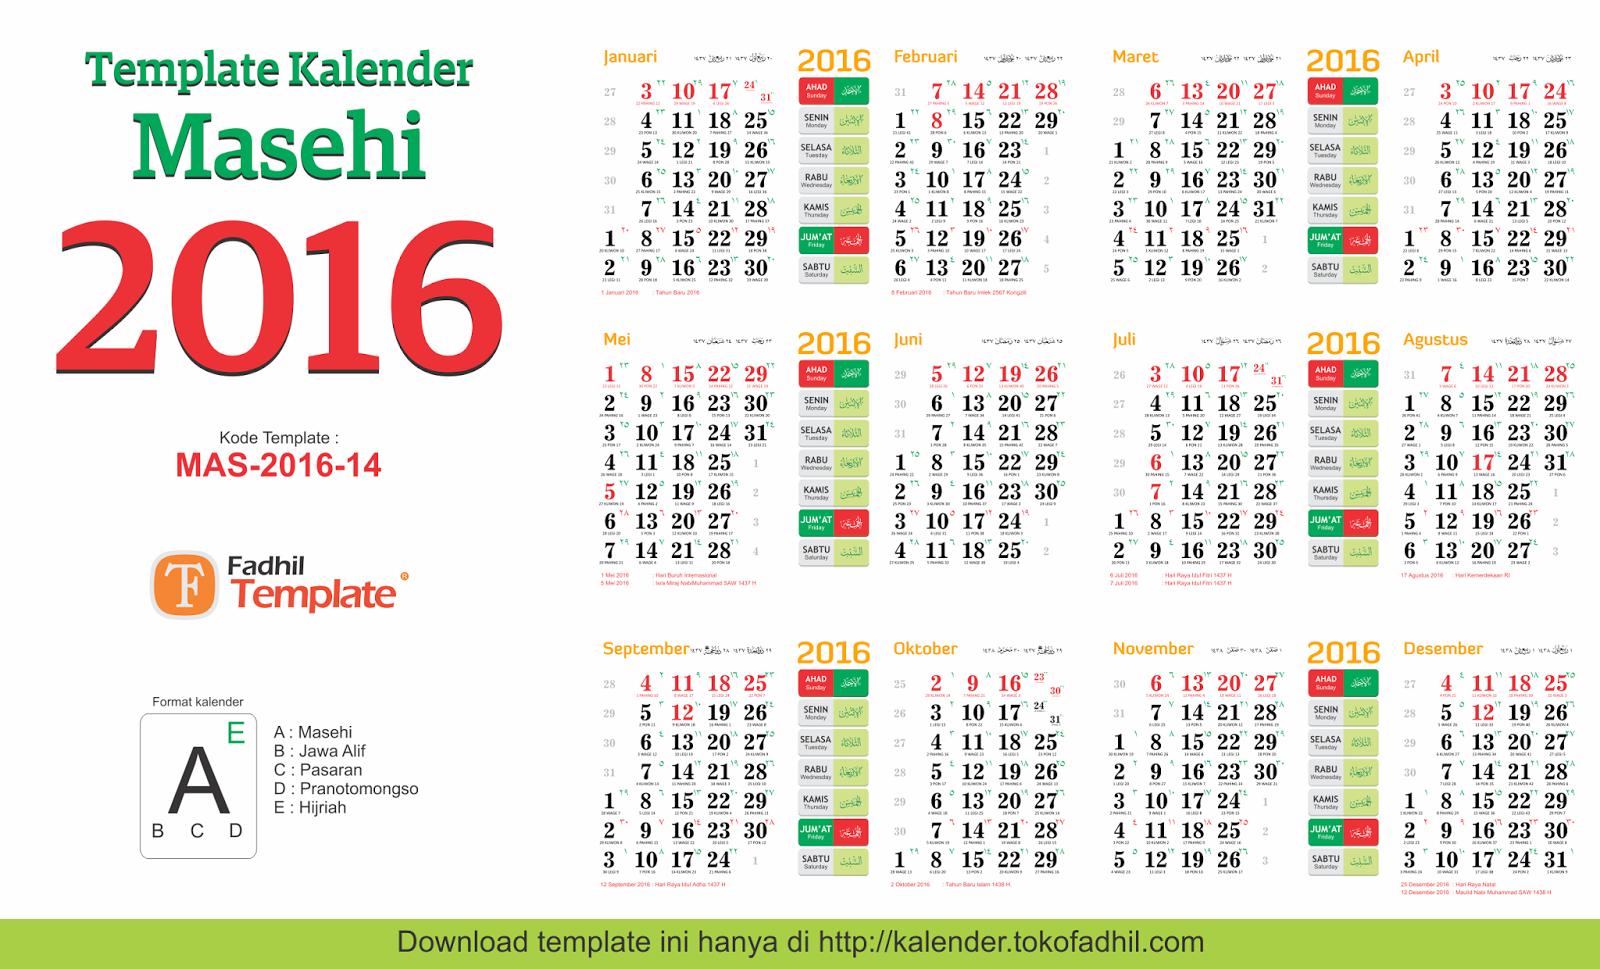 Aplikasi iphone kalender ekonomi forex